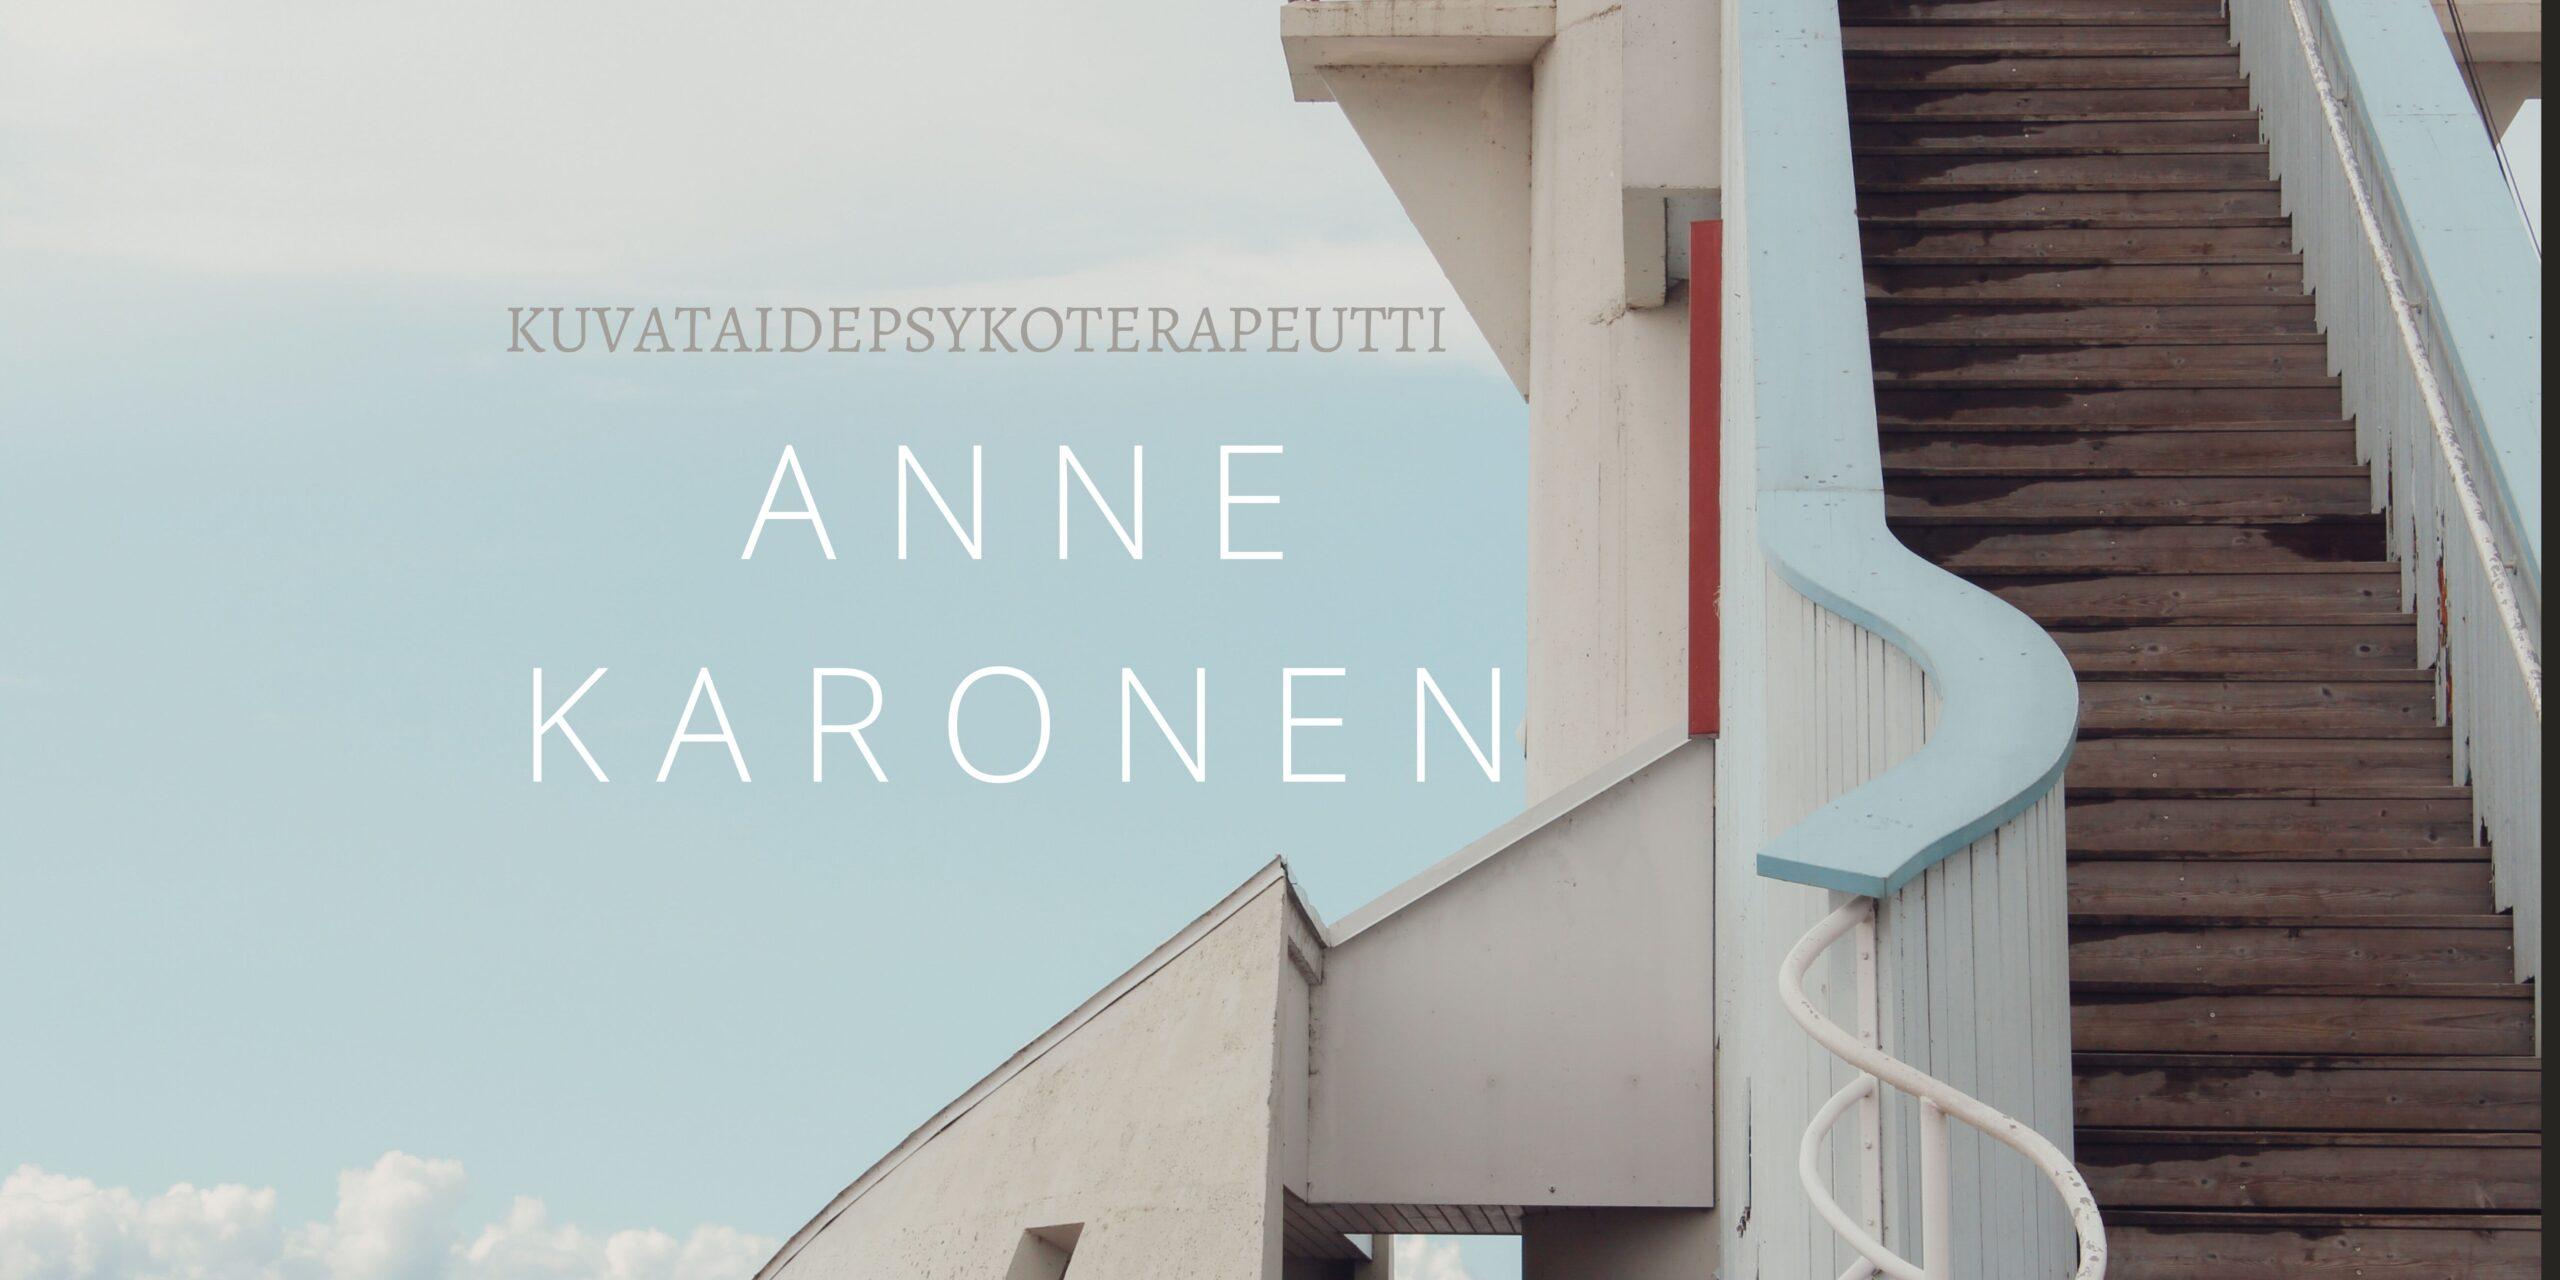 Anne Karonen